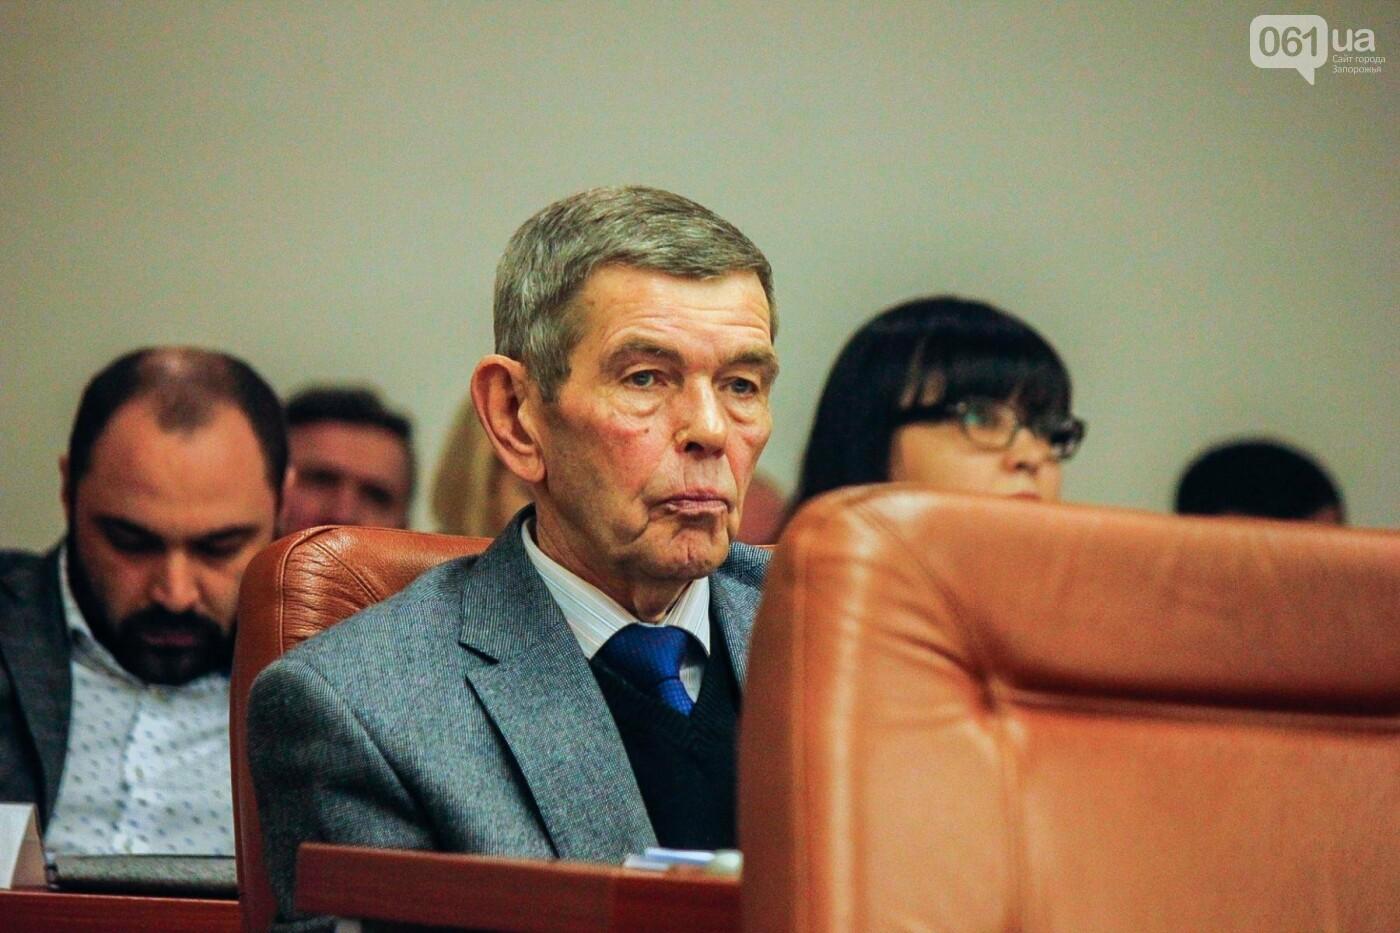 Сессия запорожского горсовета в лицах, - ФОТОРЕПОРТАЖ, фото-34